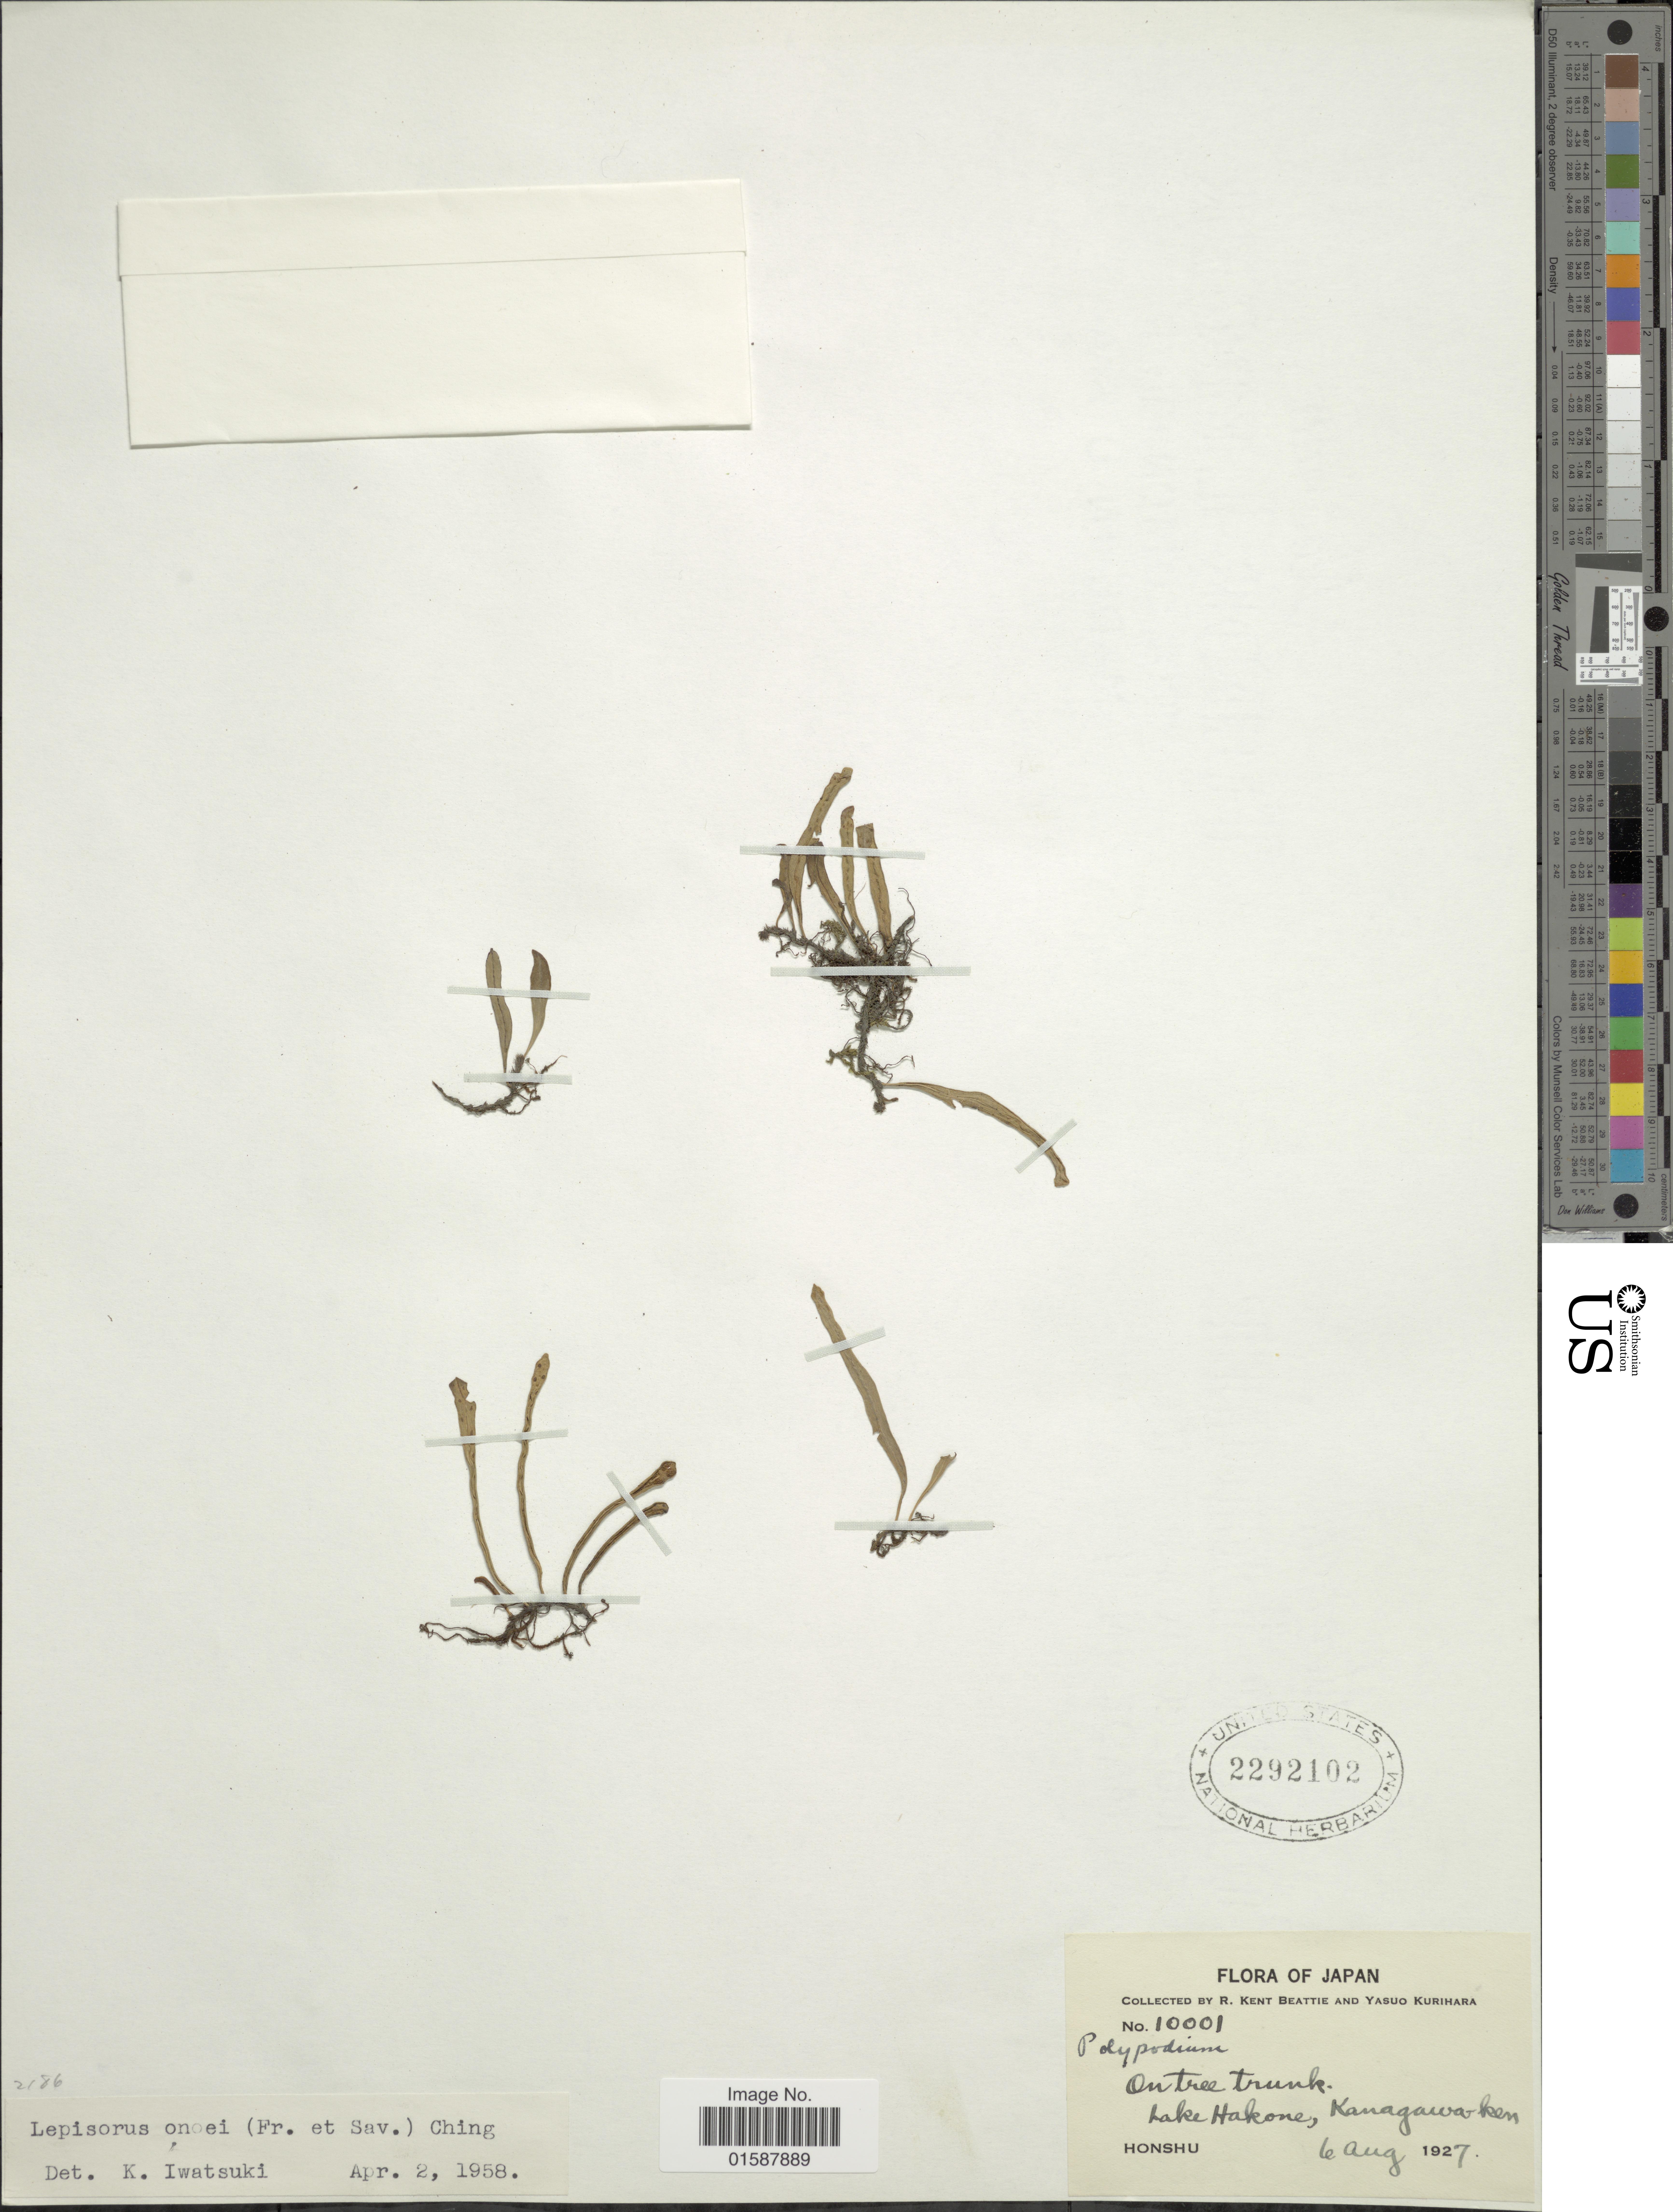 Image of <i>Lepisorus onoei</i> (Franch. & Sav.) Ching